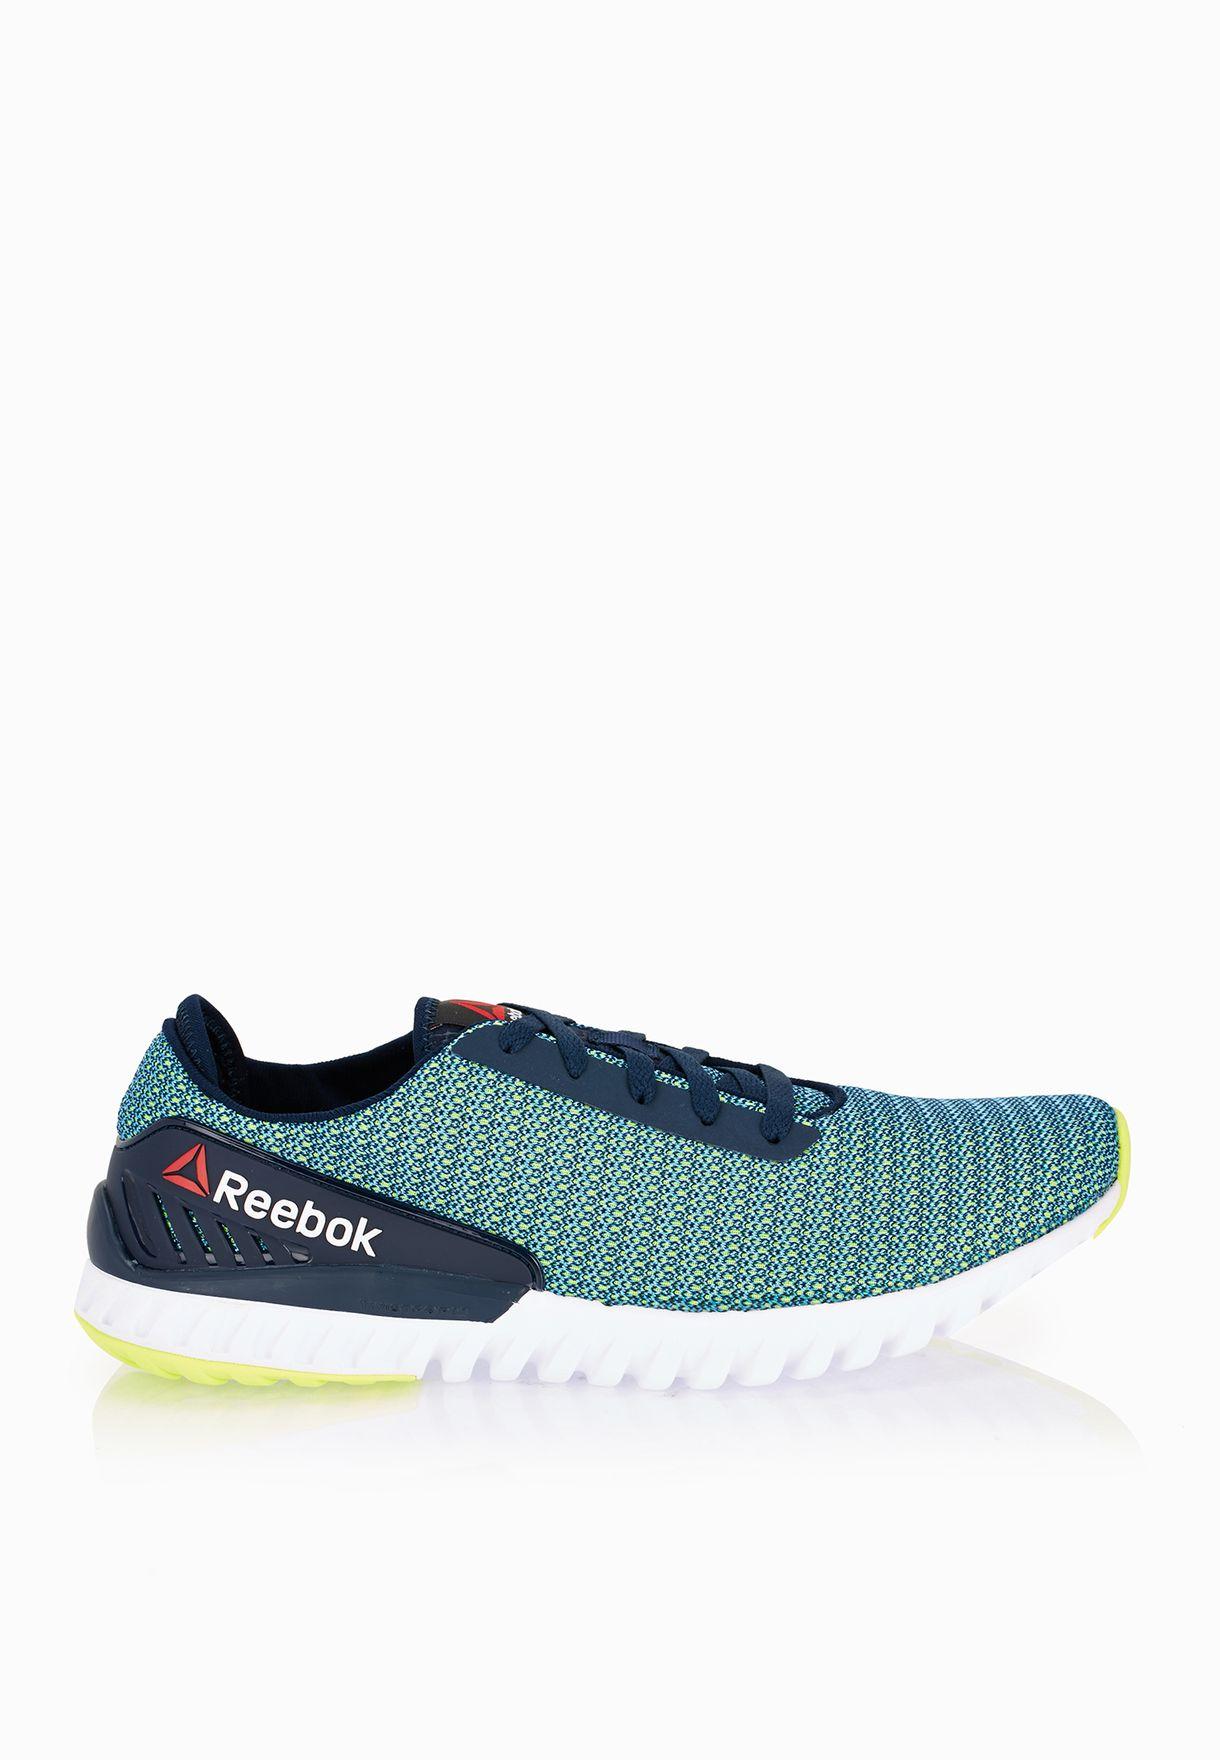 Reebok multicolor Twistform 3.0 for Men